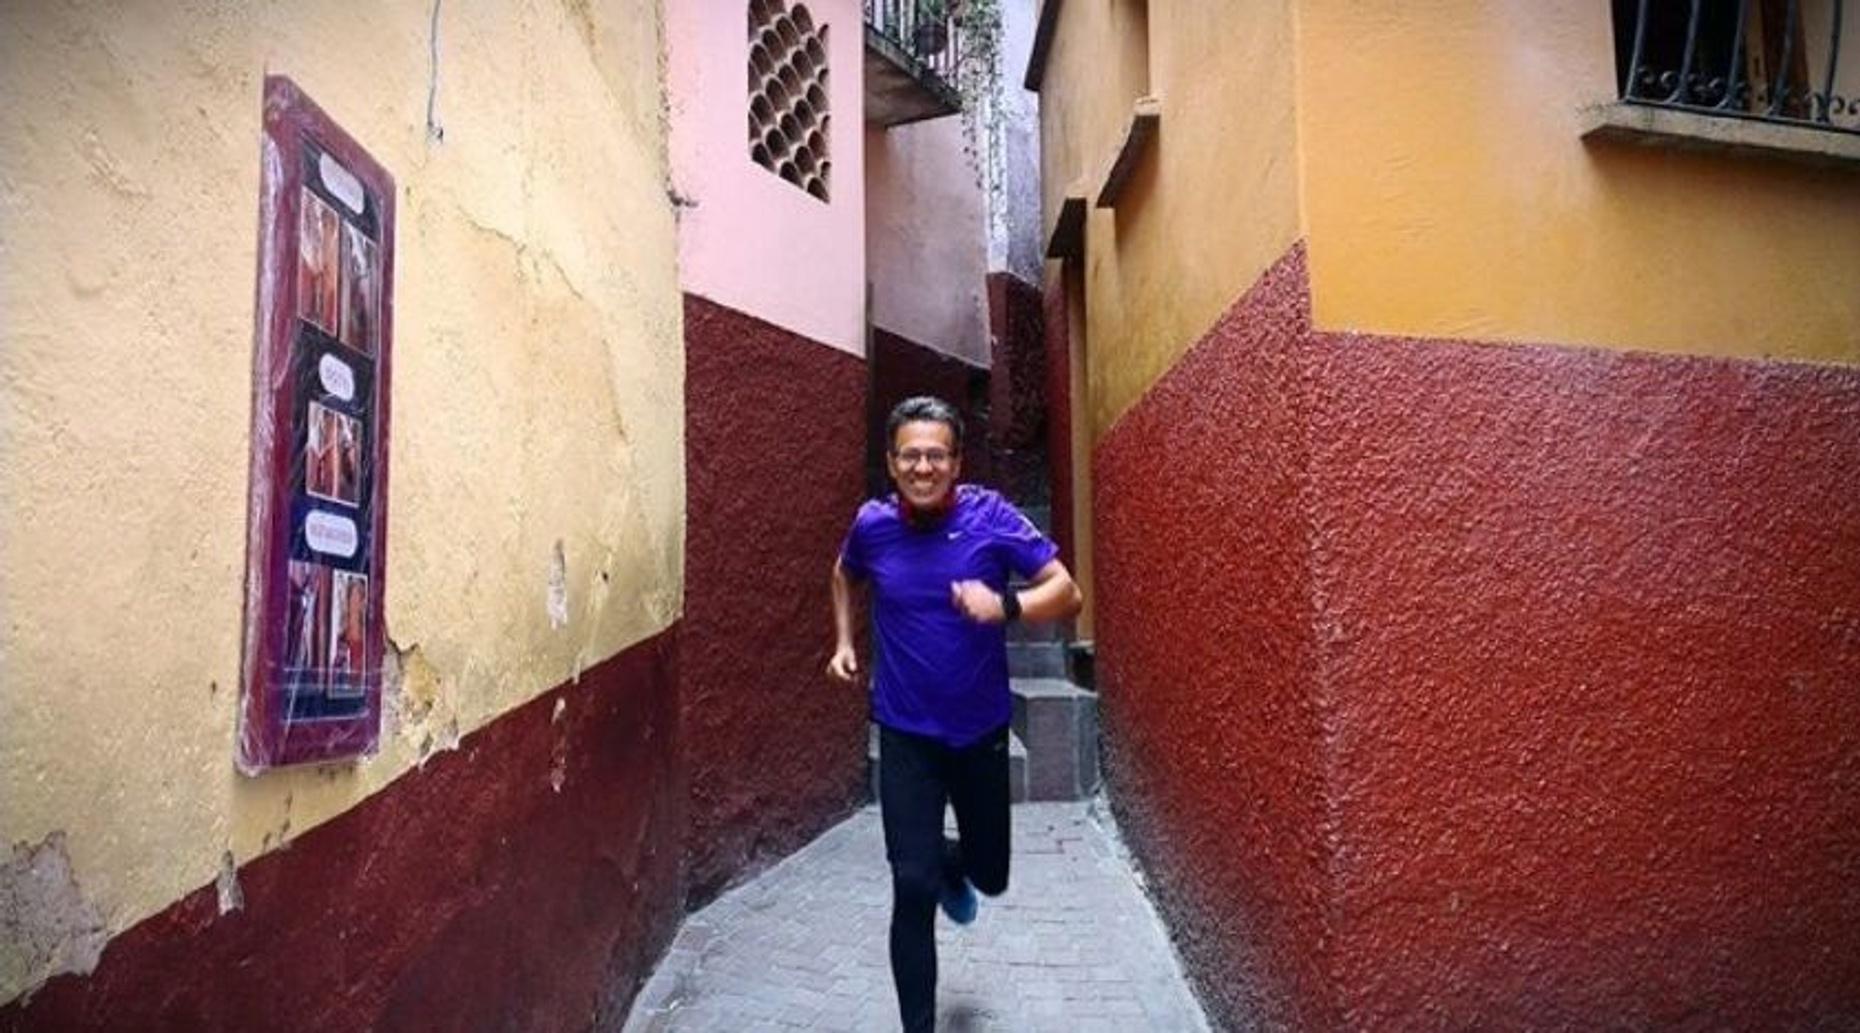 10k Running Tour in Guanajuato